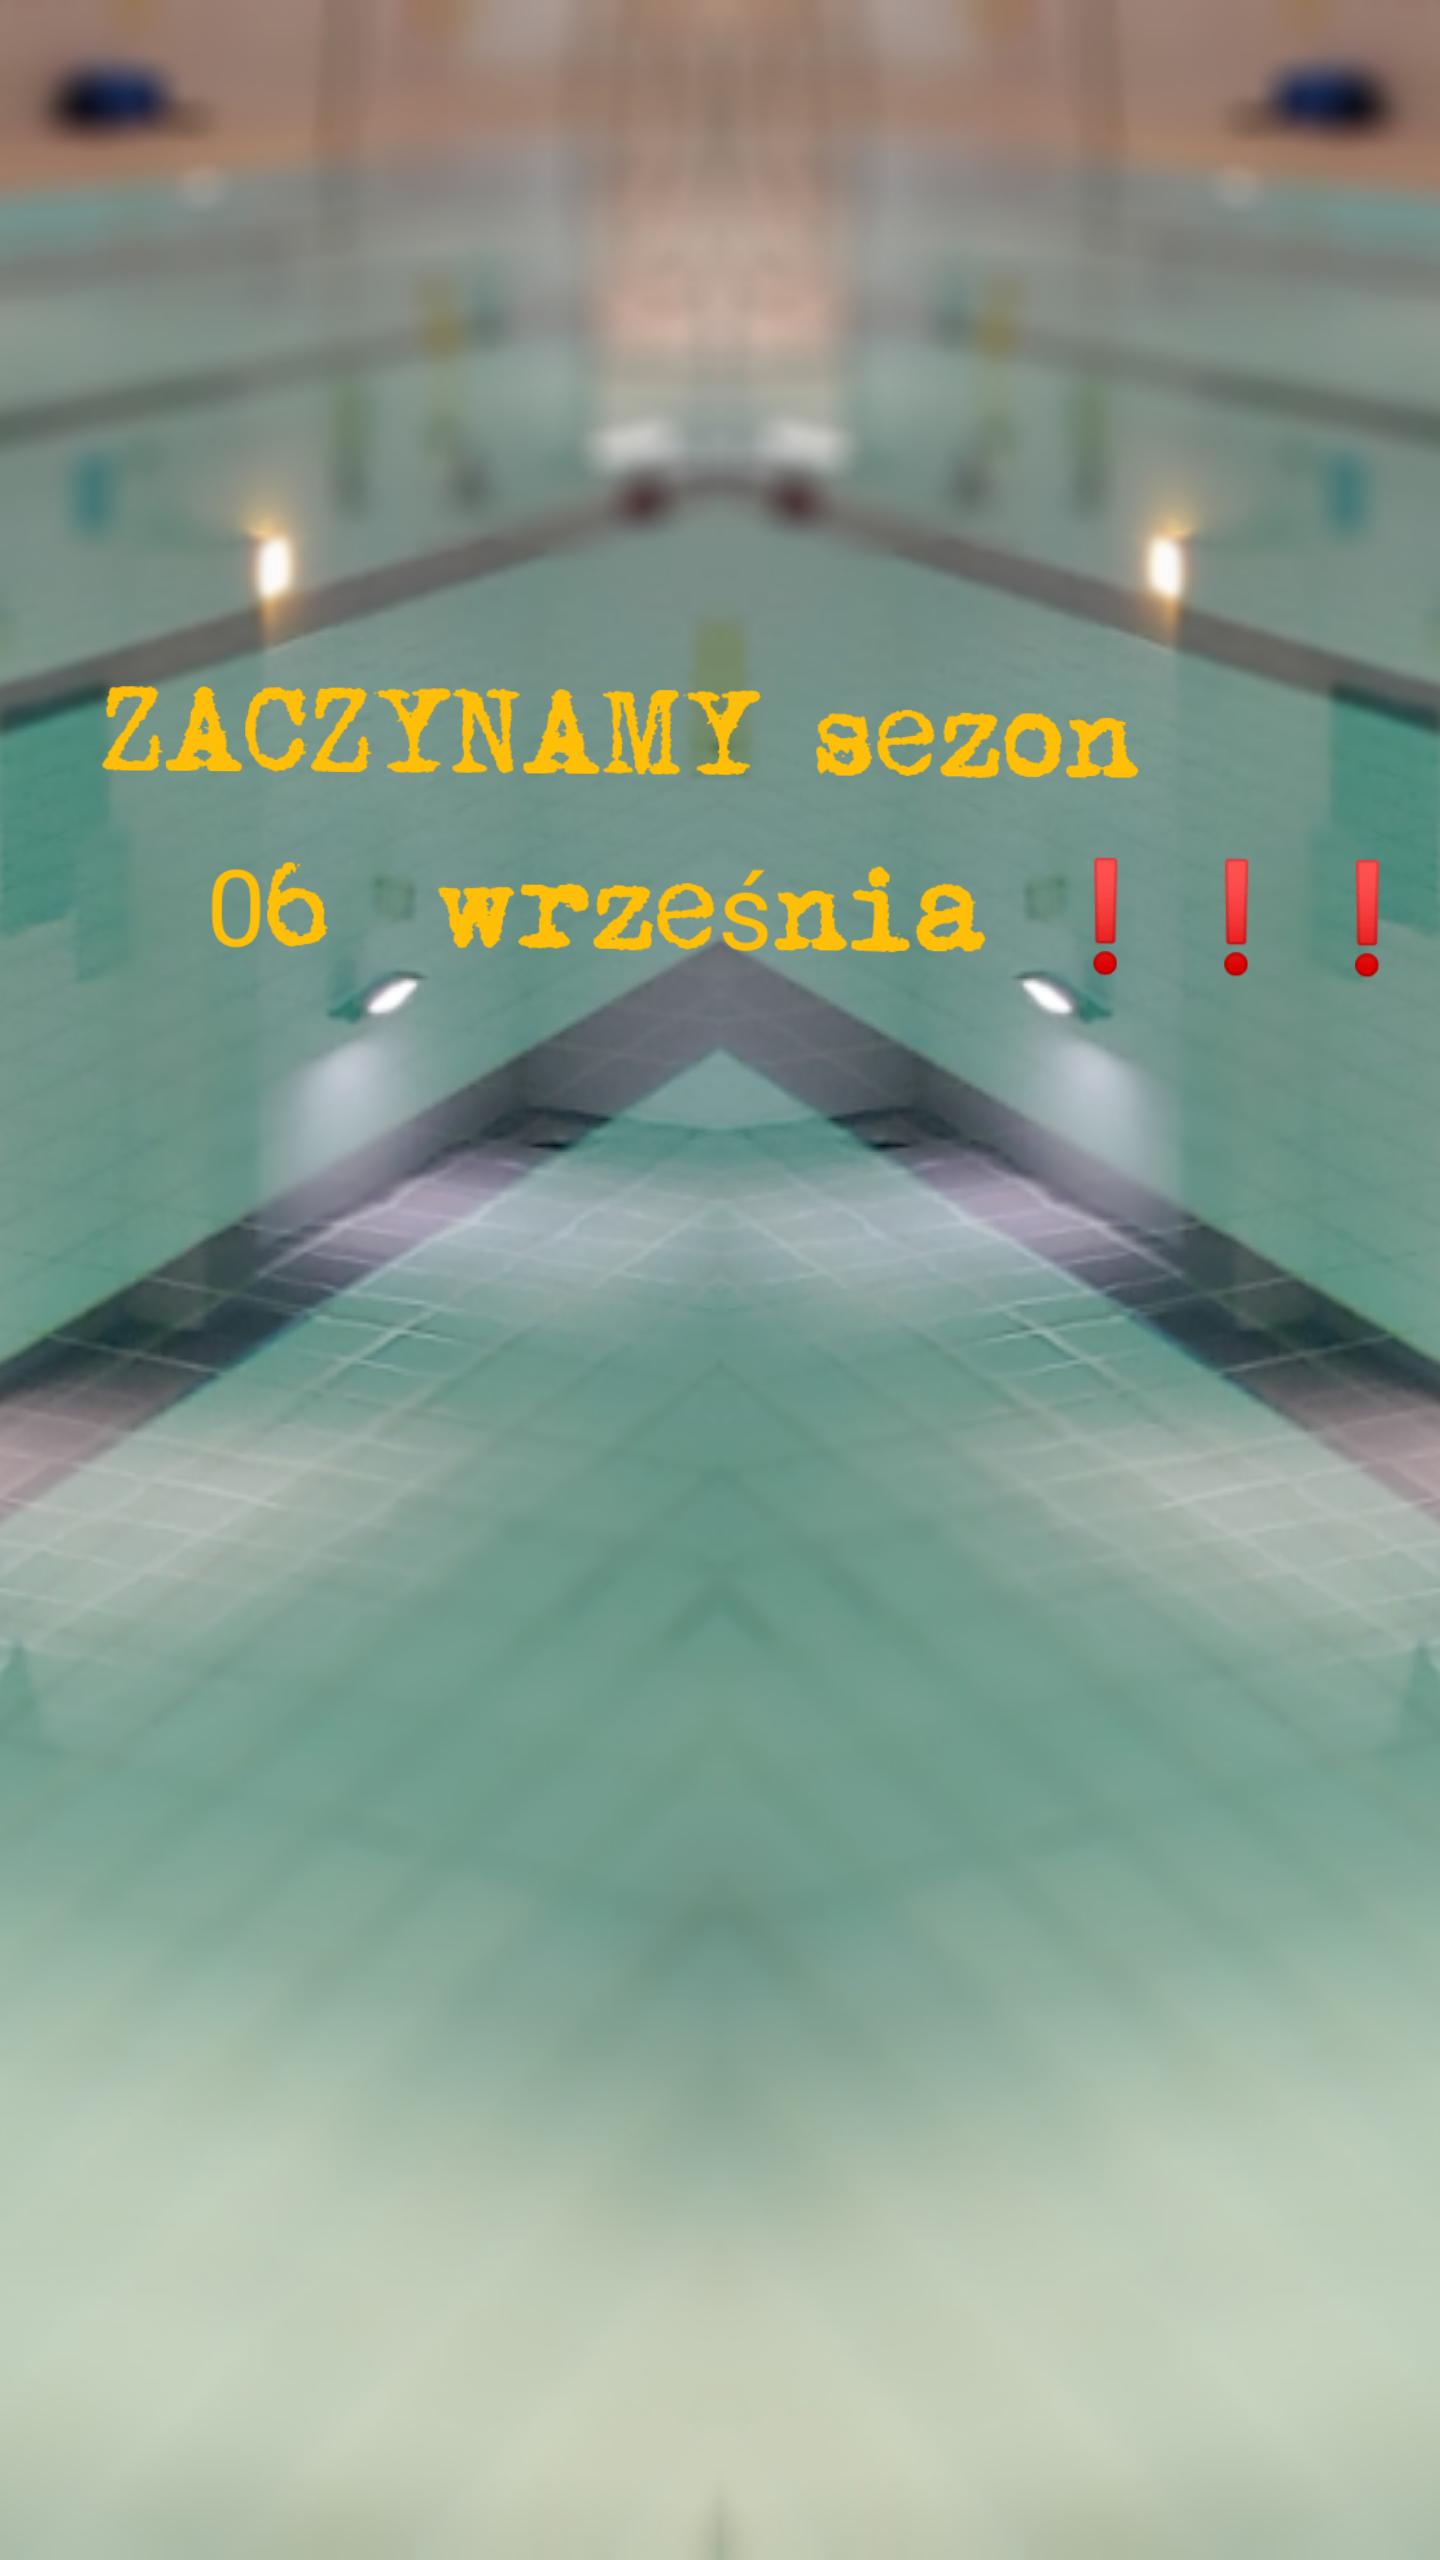 ROZPOCZĘCIE SEZONU 2021/2022